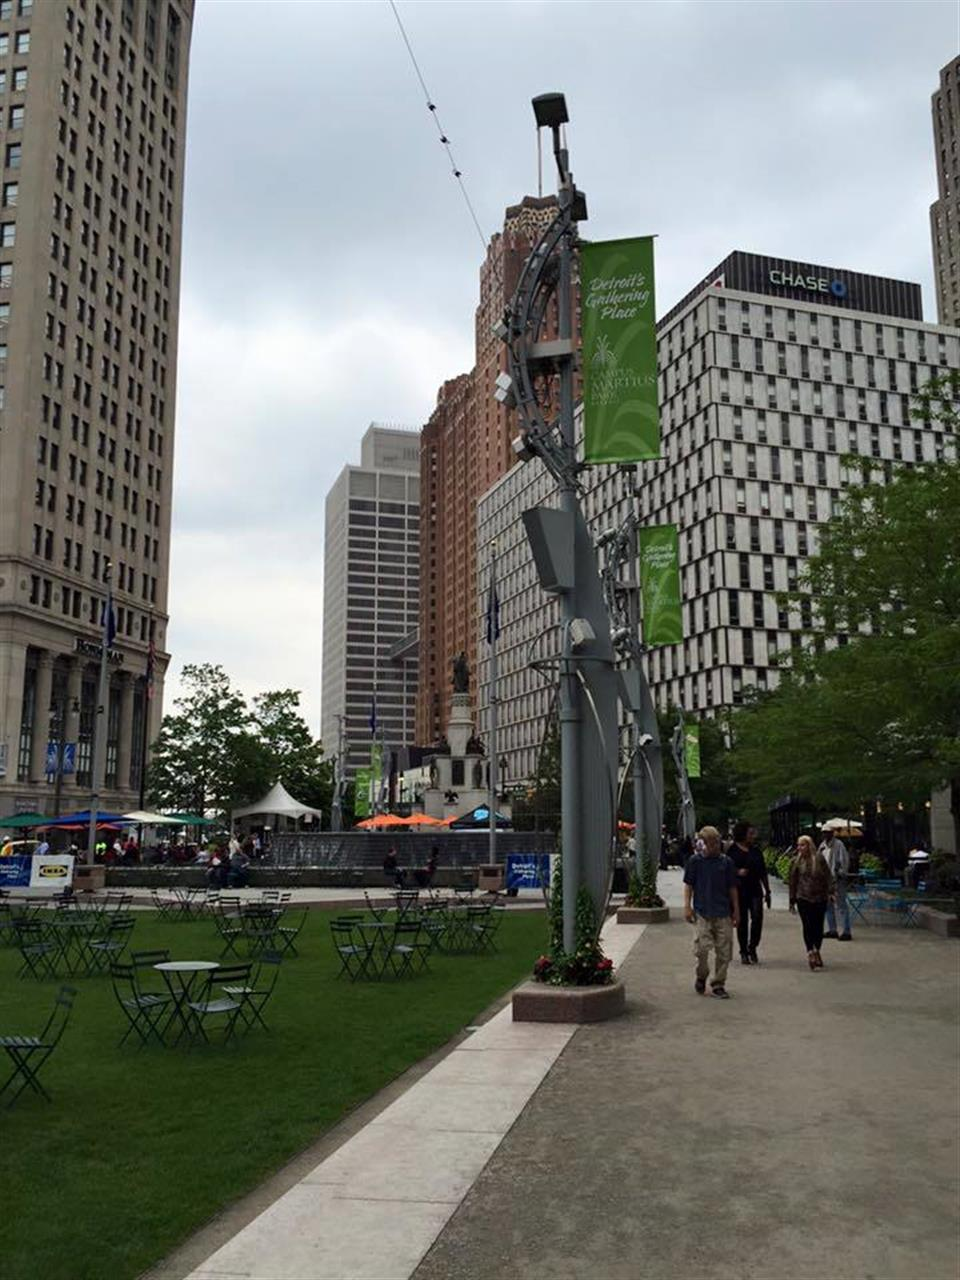 Campus Martius Park in downtown Detroit #Campus Martius #Detroit #Michigan #LeadingReLocal